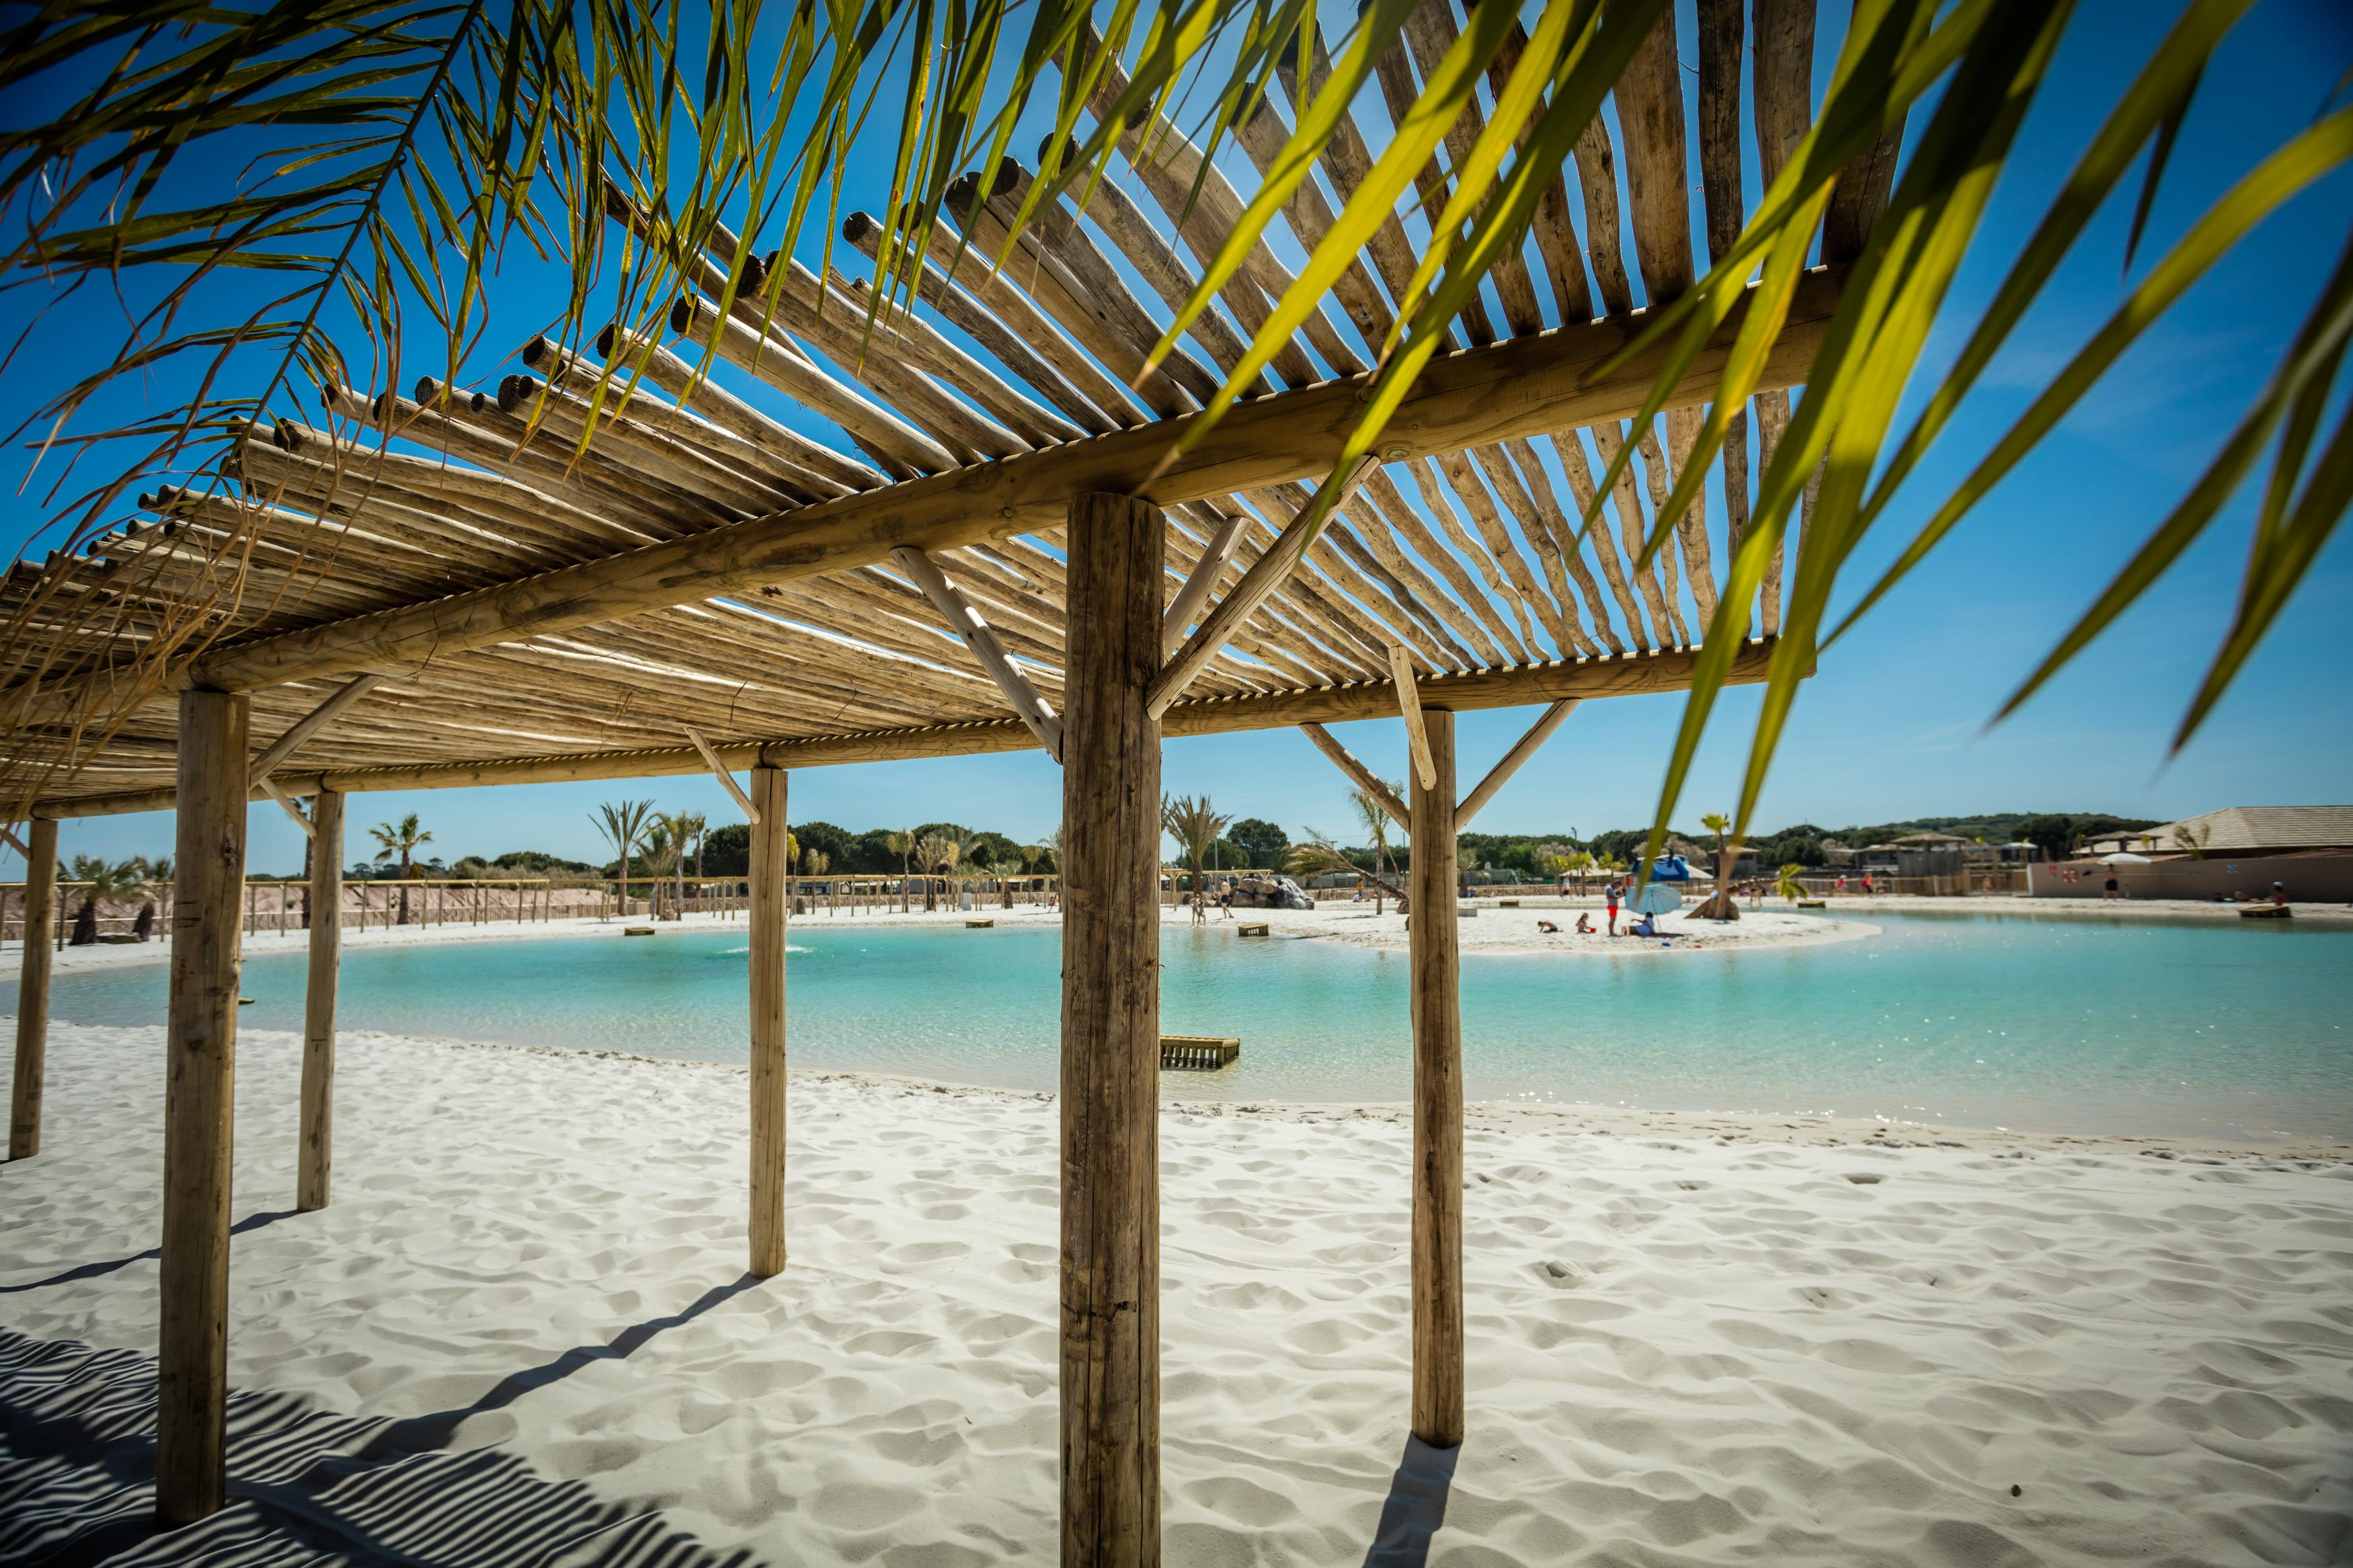 zadaszenie plazy laguny parasol piaskowy rekreacja morska